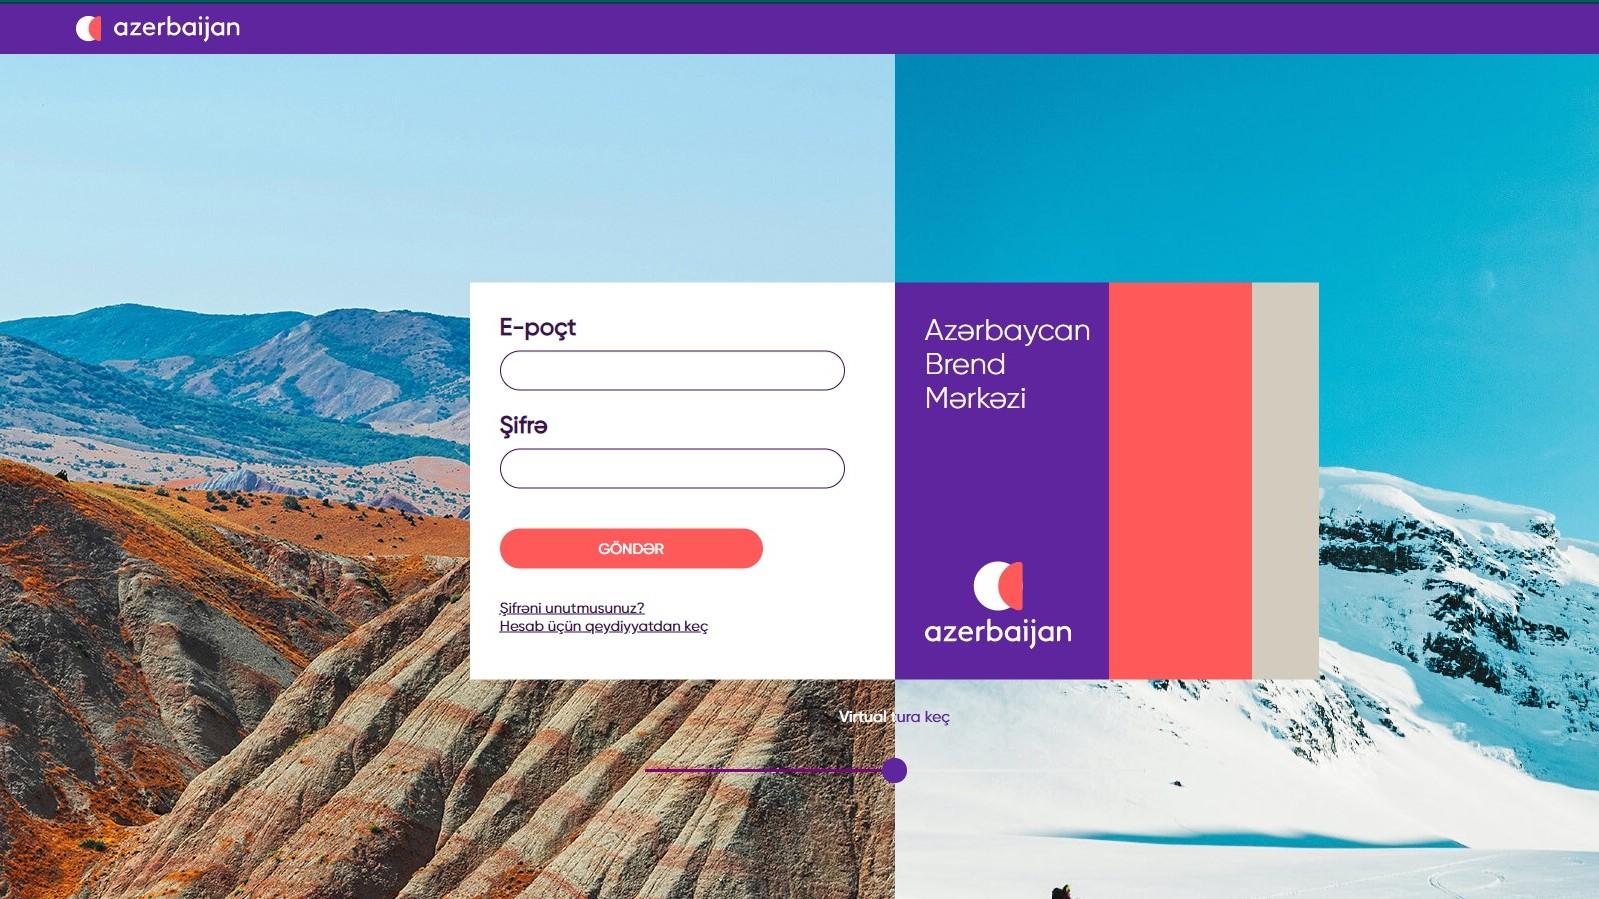 >Turizm brendi üzrə Azərbaycan Brend Mərkəzi platforması yaradılıb